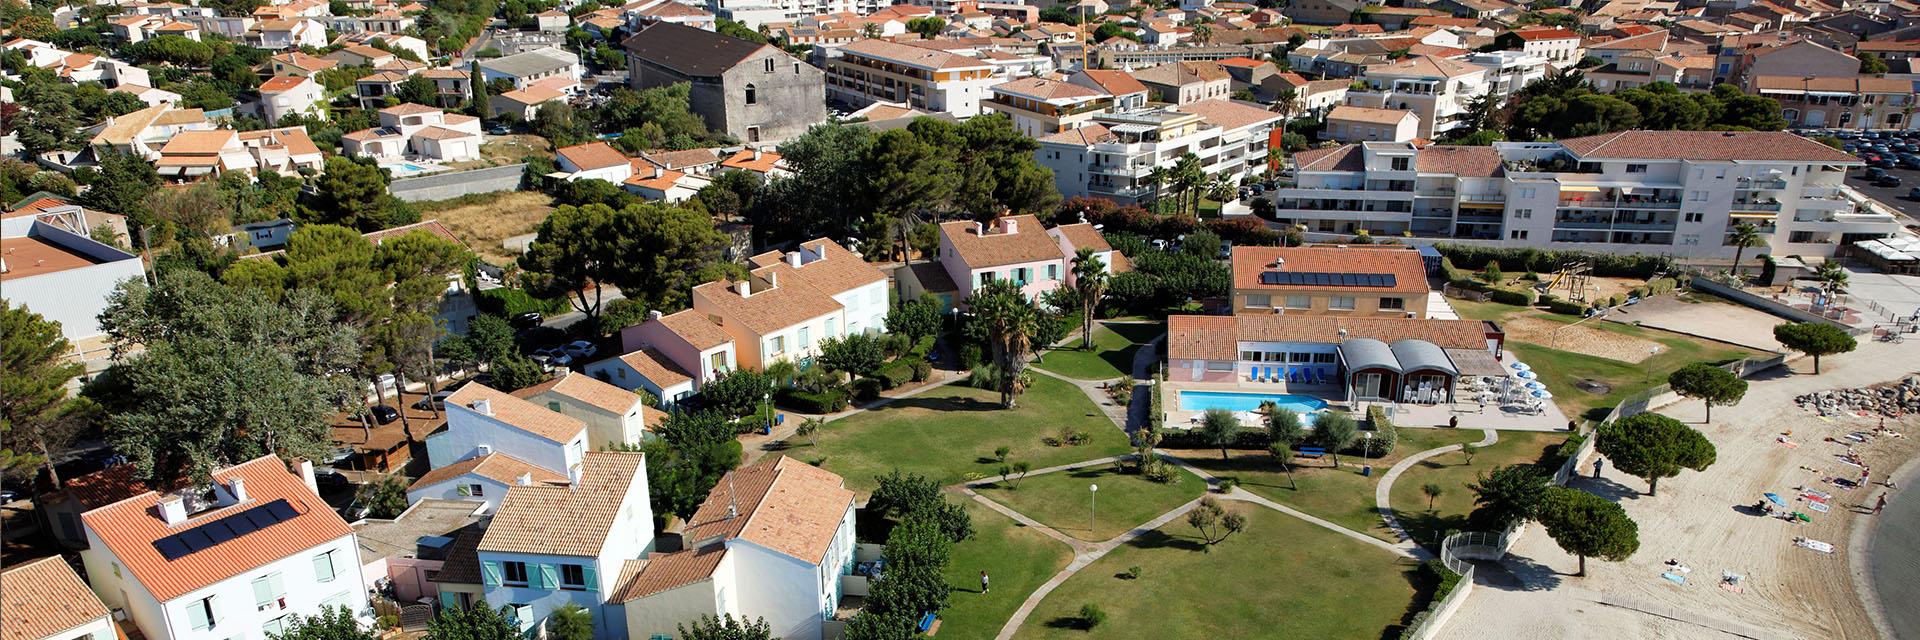 Village_club_vacances_mediterranee-sud-est-village-club-thalasse-vue